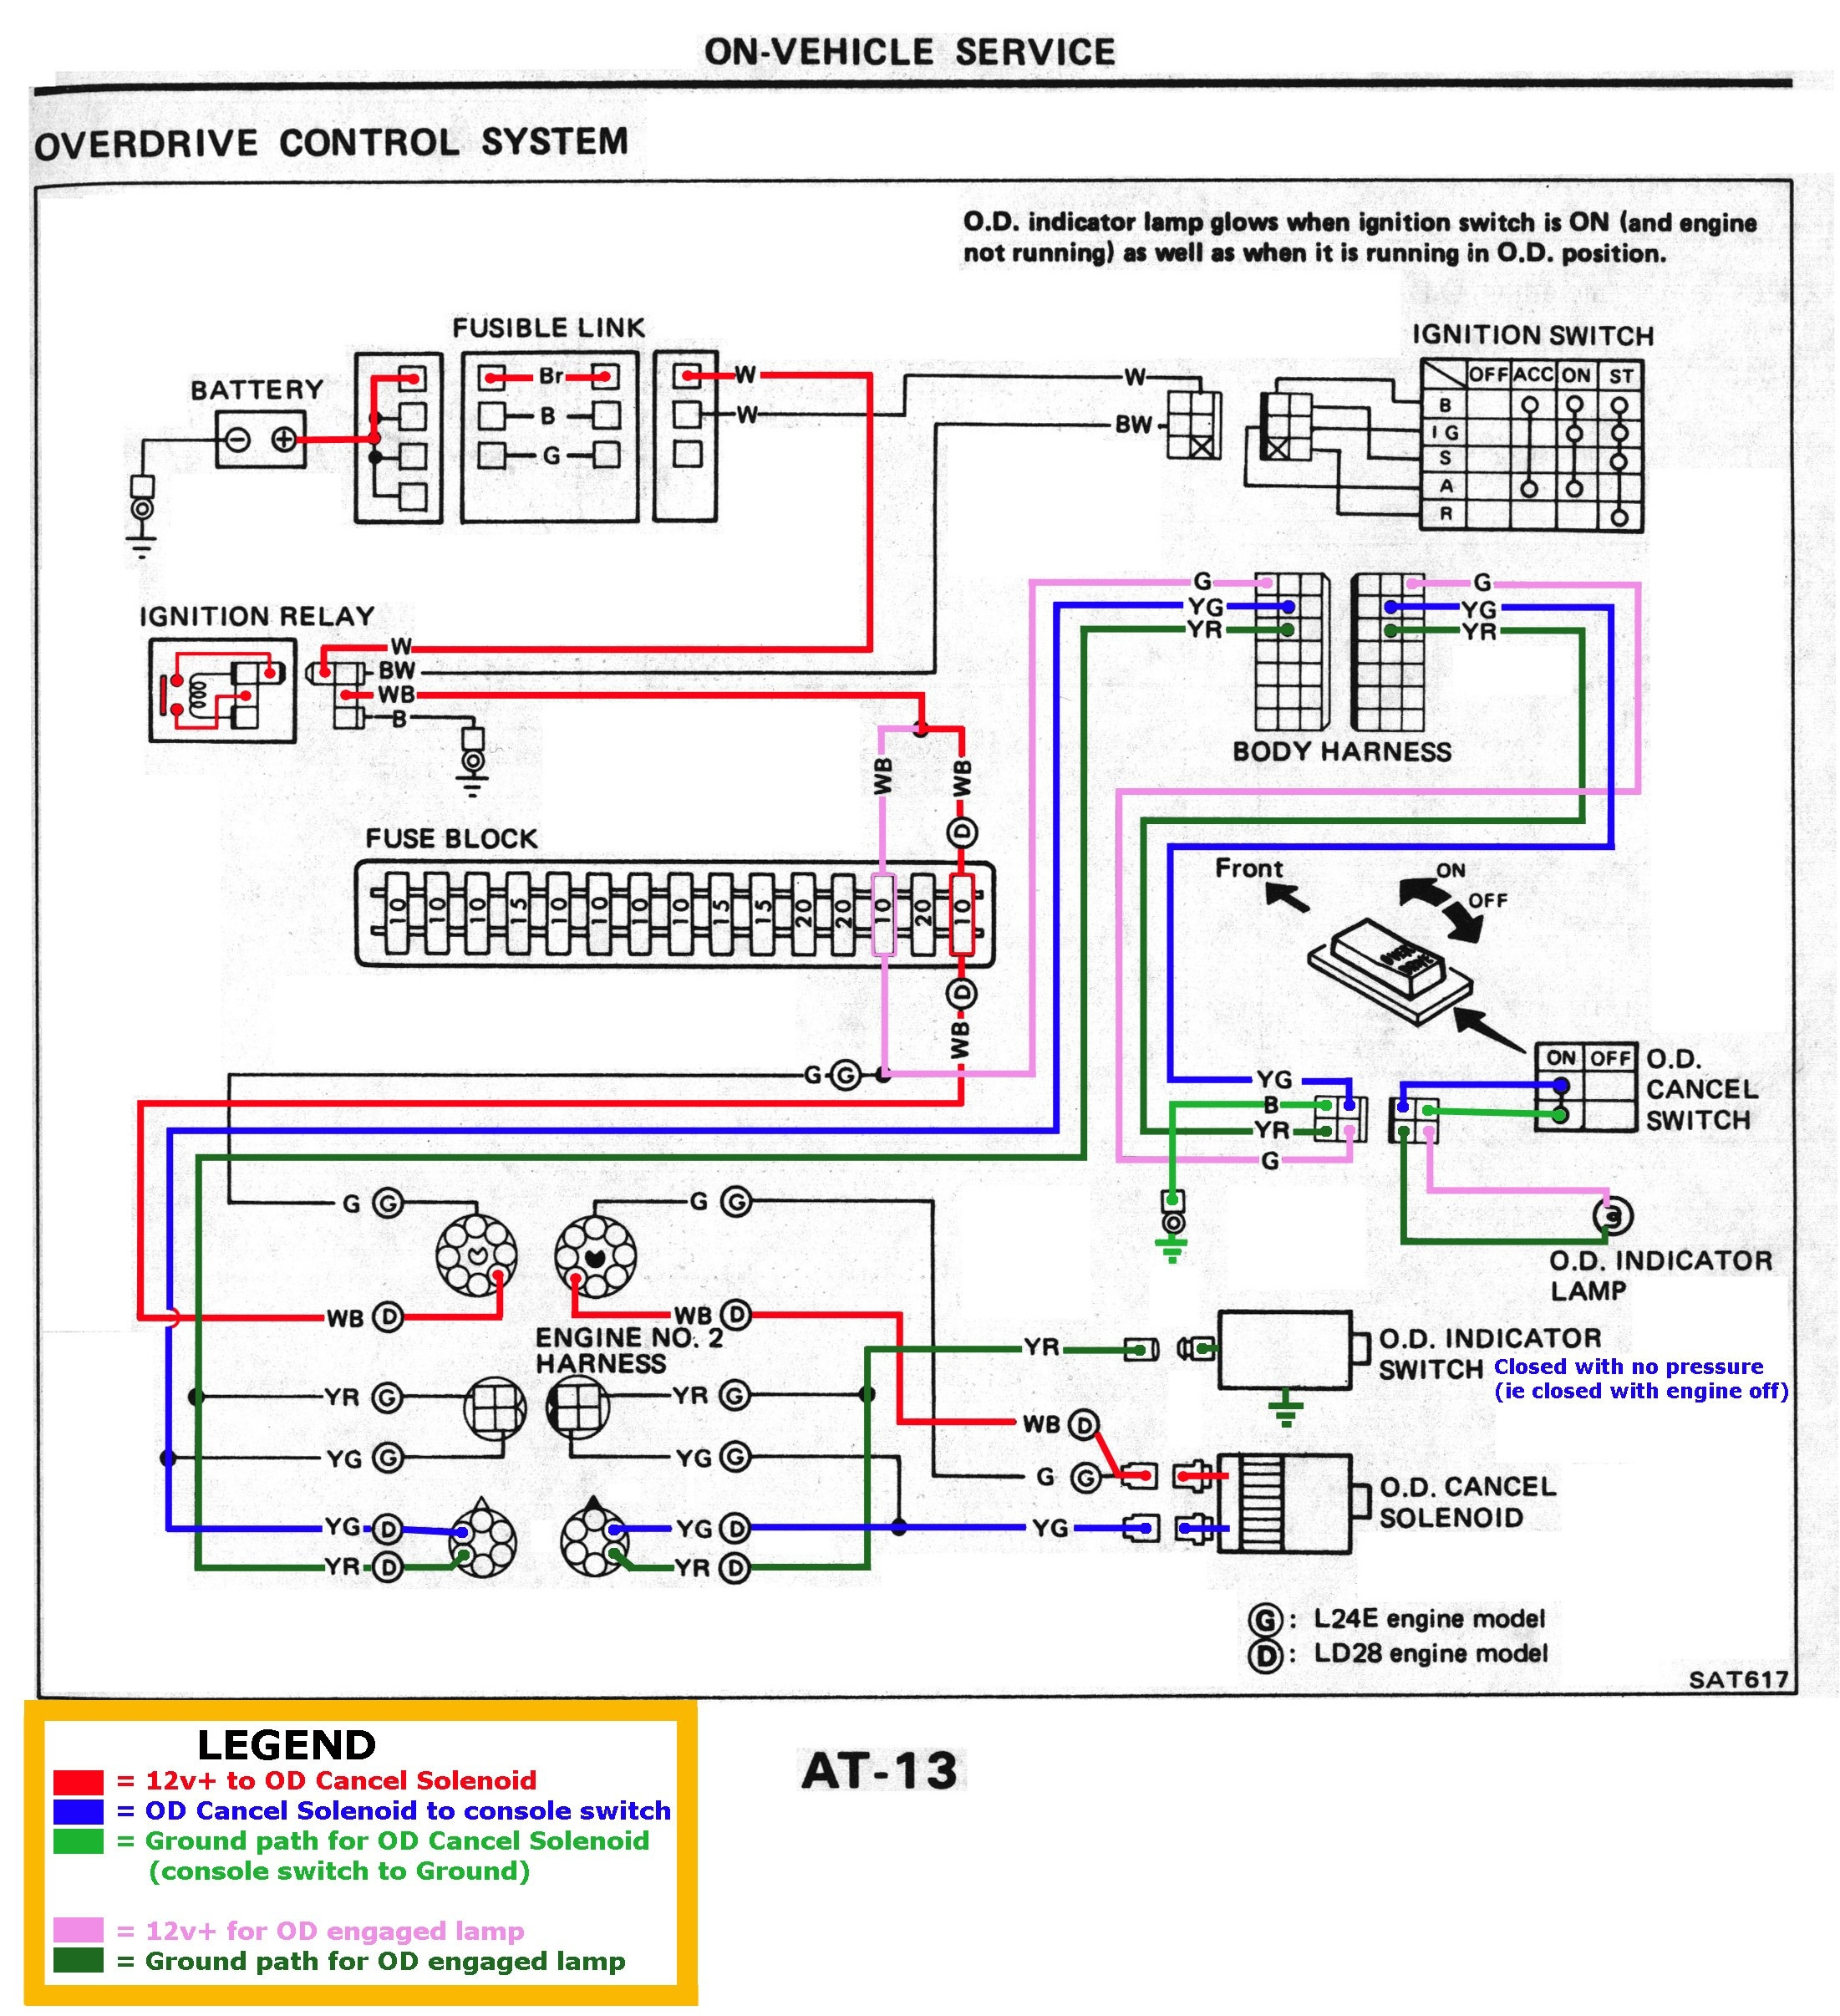 nissan ud wiring diagram Download-nissan ud wiring diagram Collection Automotive Lpg Wiring Diagram New Nissan sel Forums • View DOWNLOAD Wiring Diagram Sheets Detail Name nissan ud 15-h